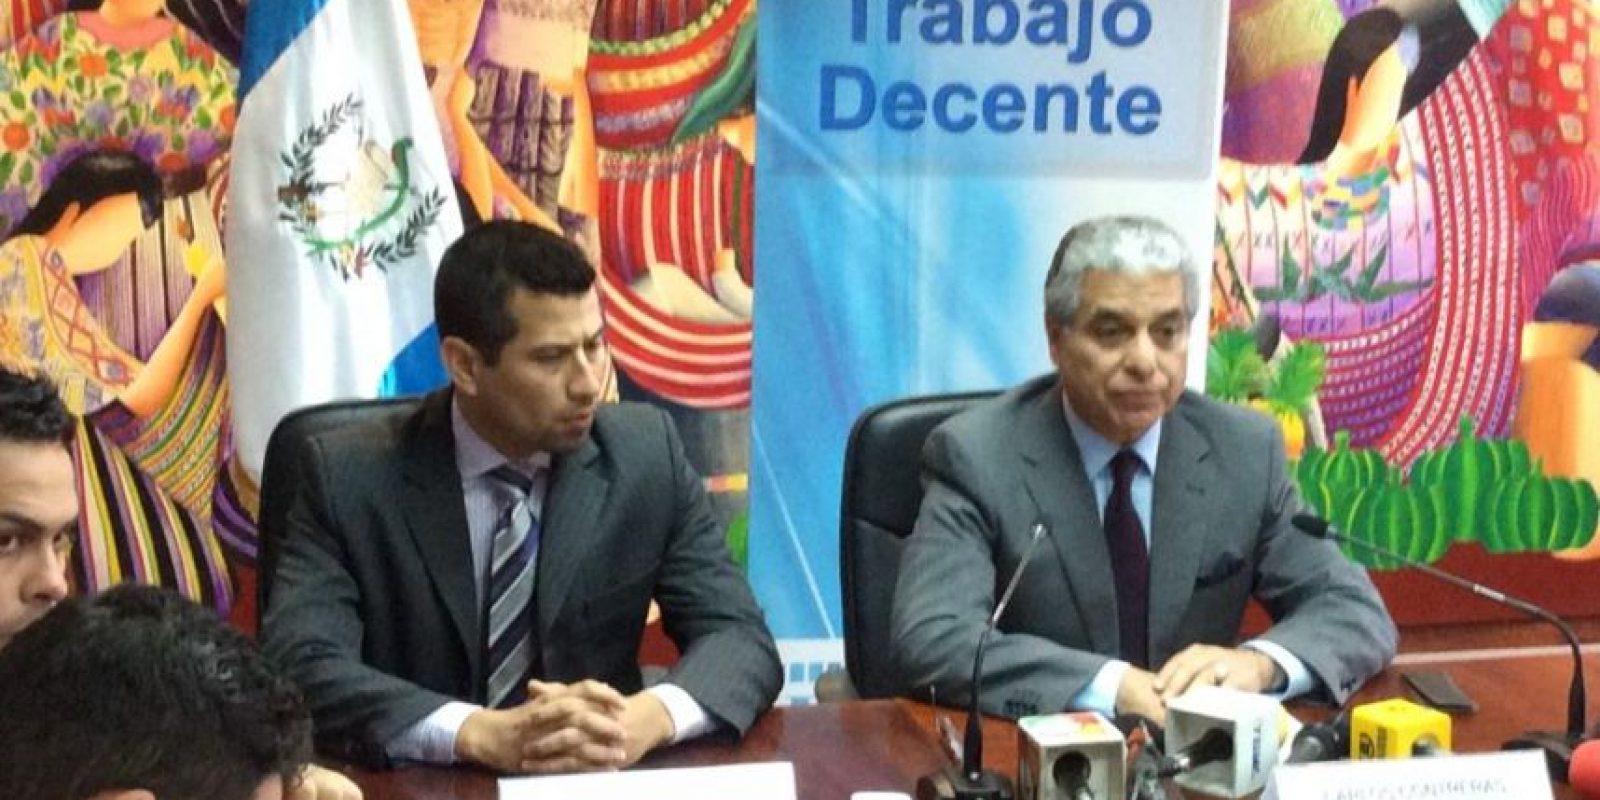 Salario minimo se acerca a los Q. 80.00 diarios, declara el ministro de Trabajo, Carlos Contreras. Foto:Ministerio de Trabajo